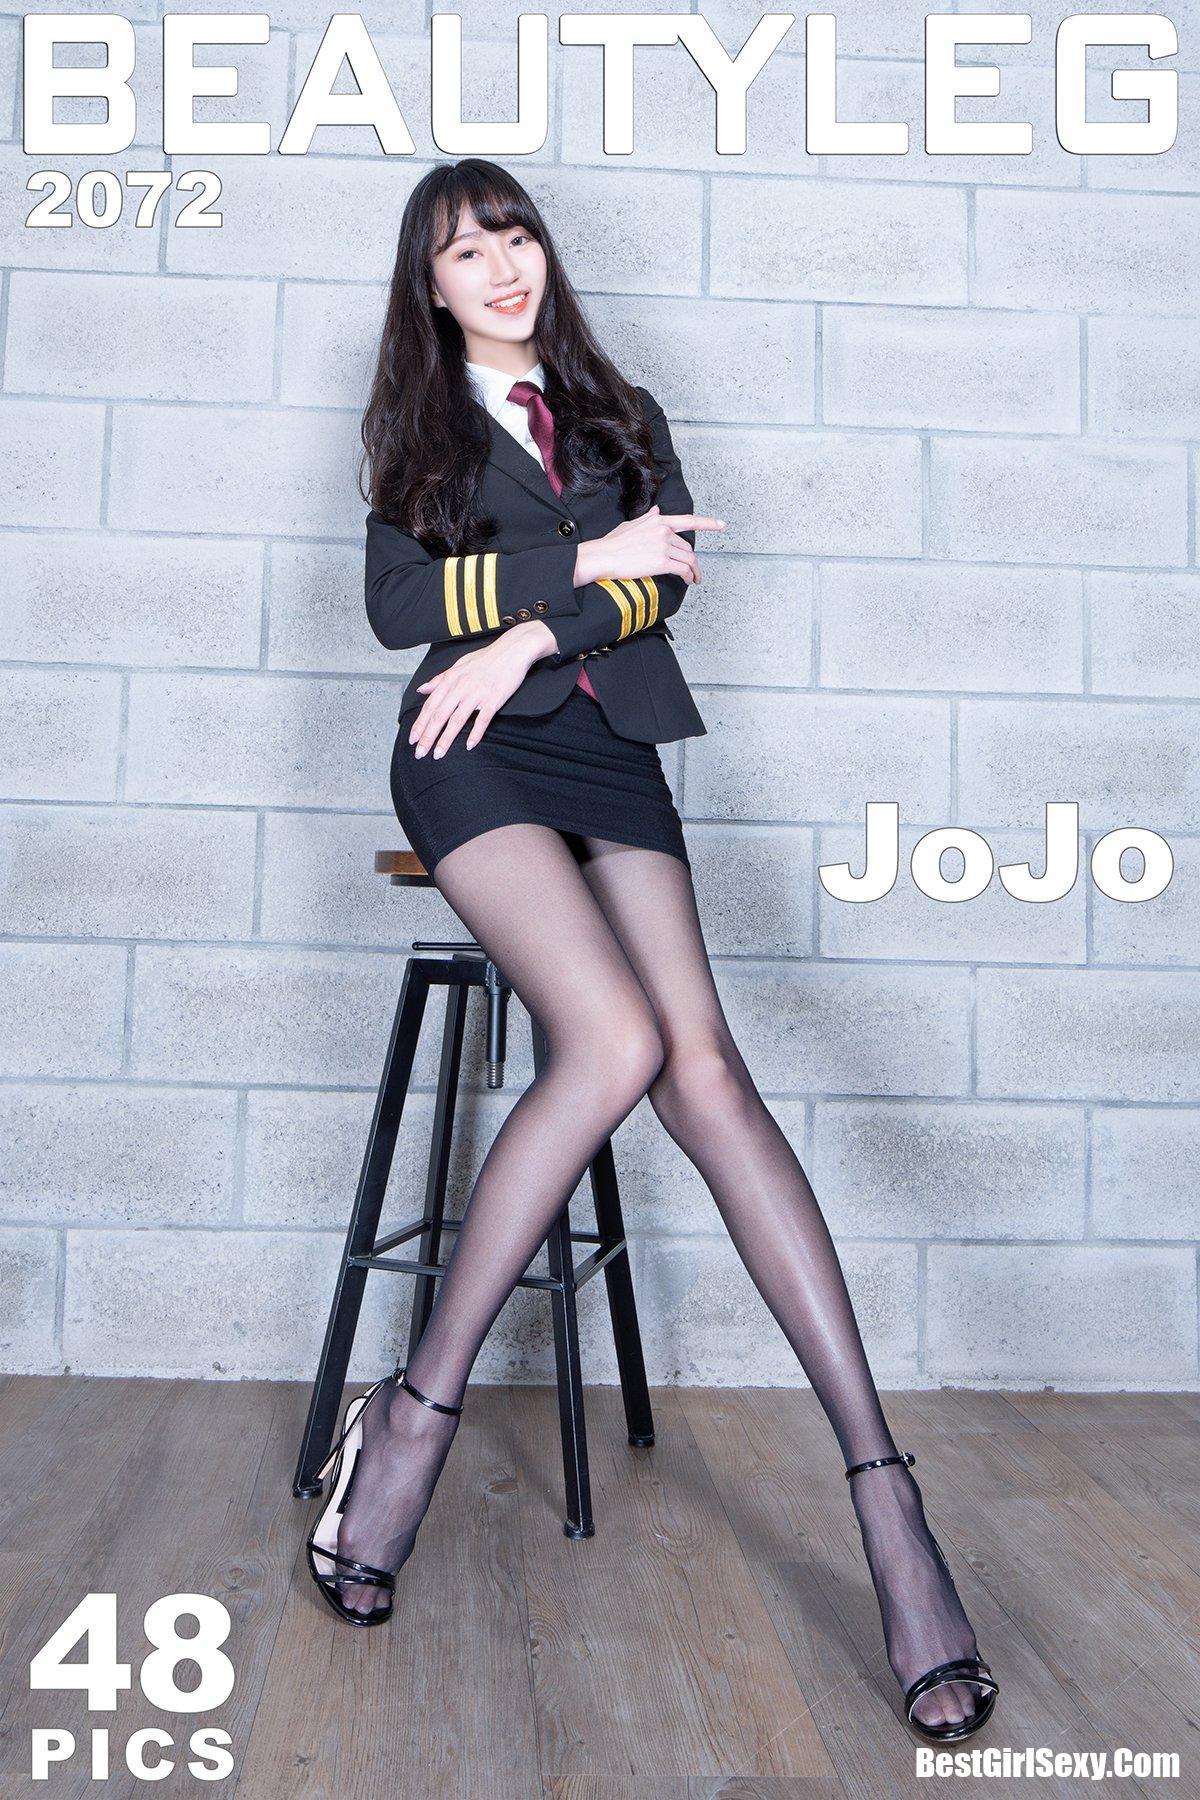 Beautyleg美腿寫真 No.2072 JoJo 224